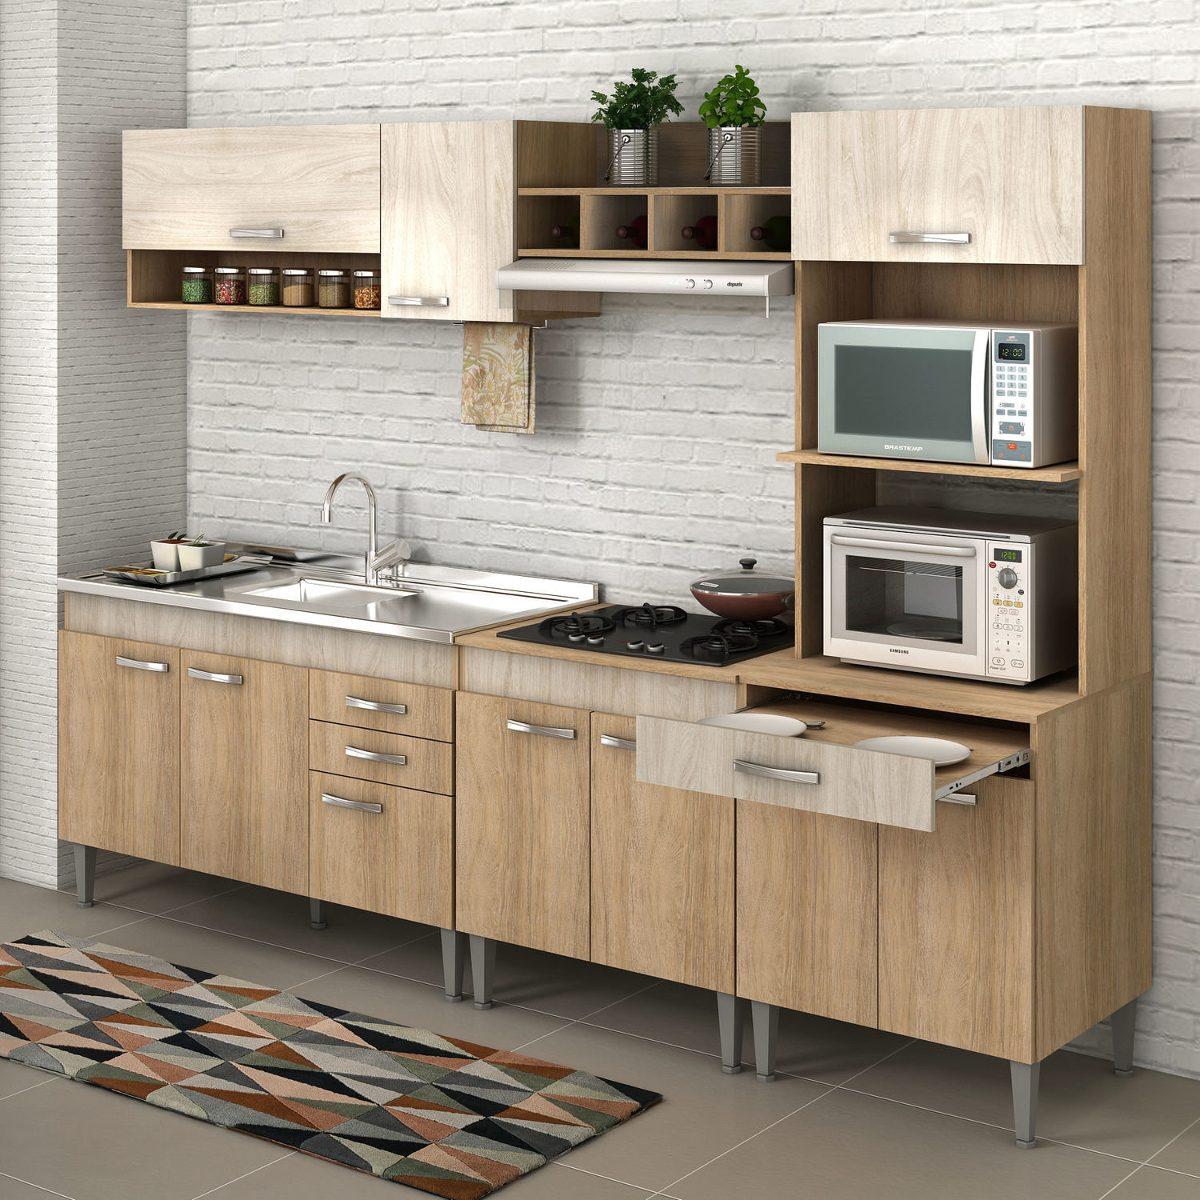 Cozinha Completa Flex Sem Tampo Classic 10 Portas Edwt R 815 90